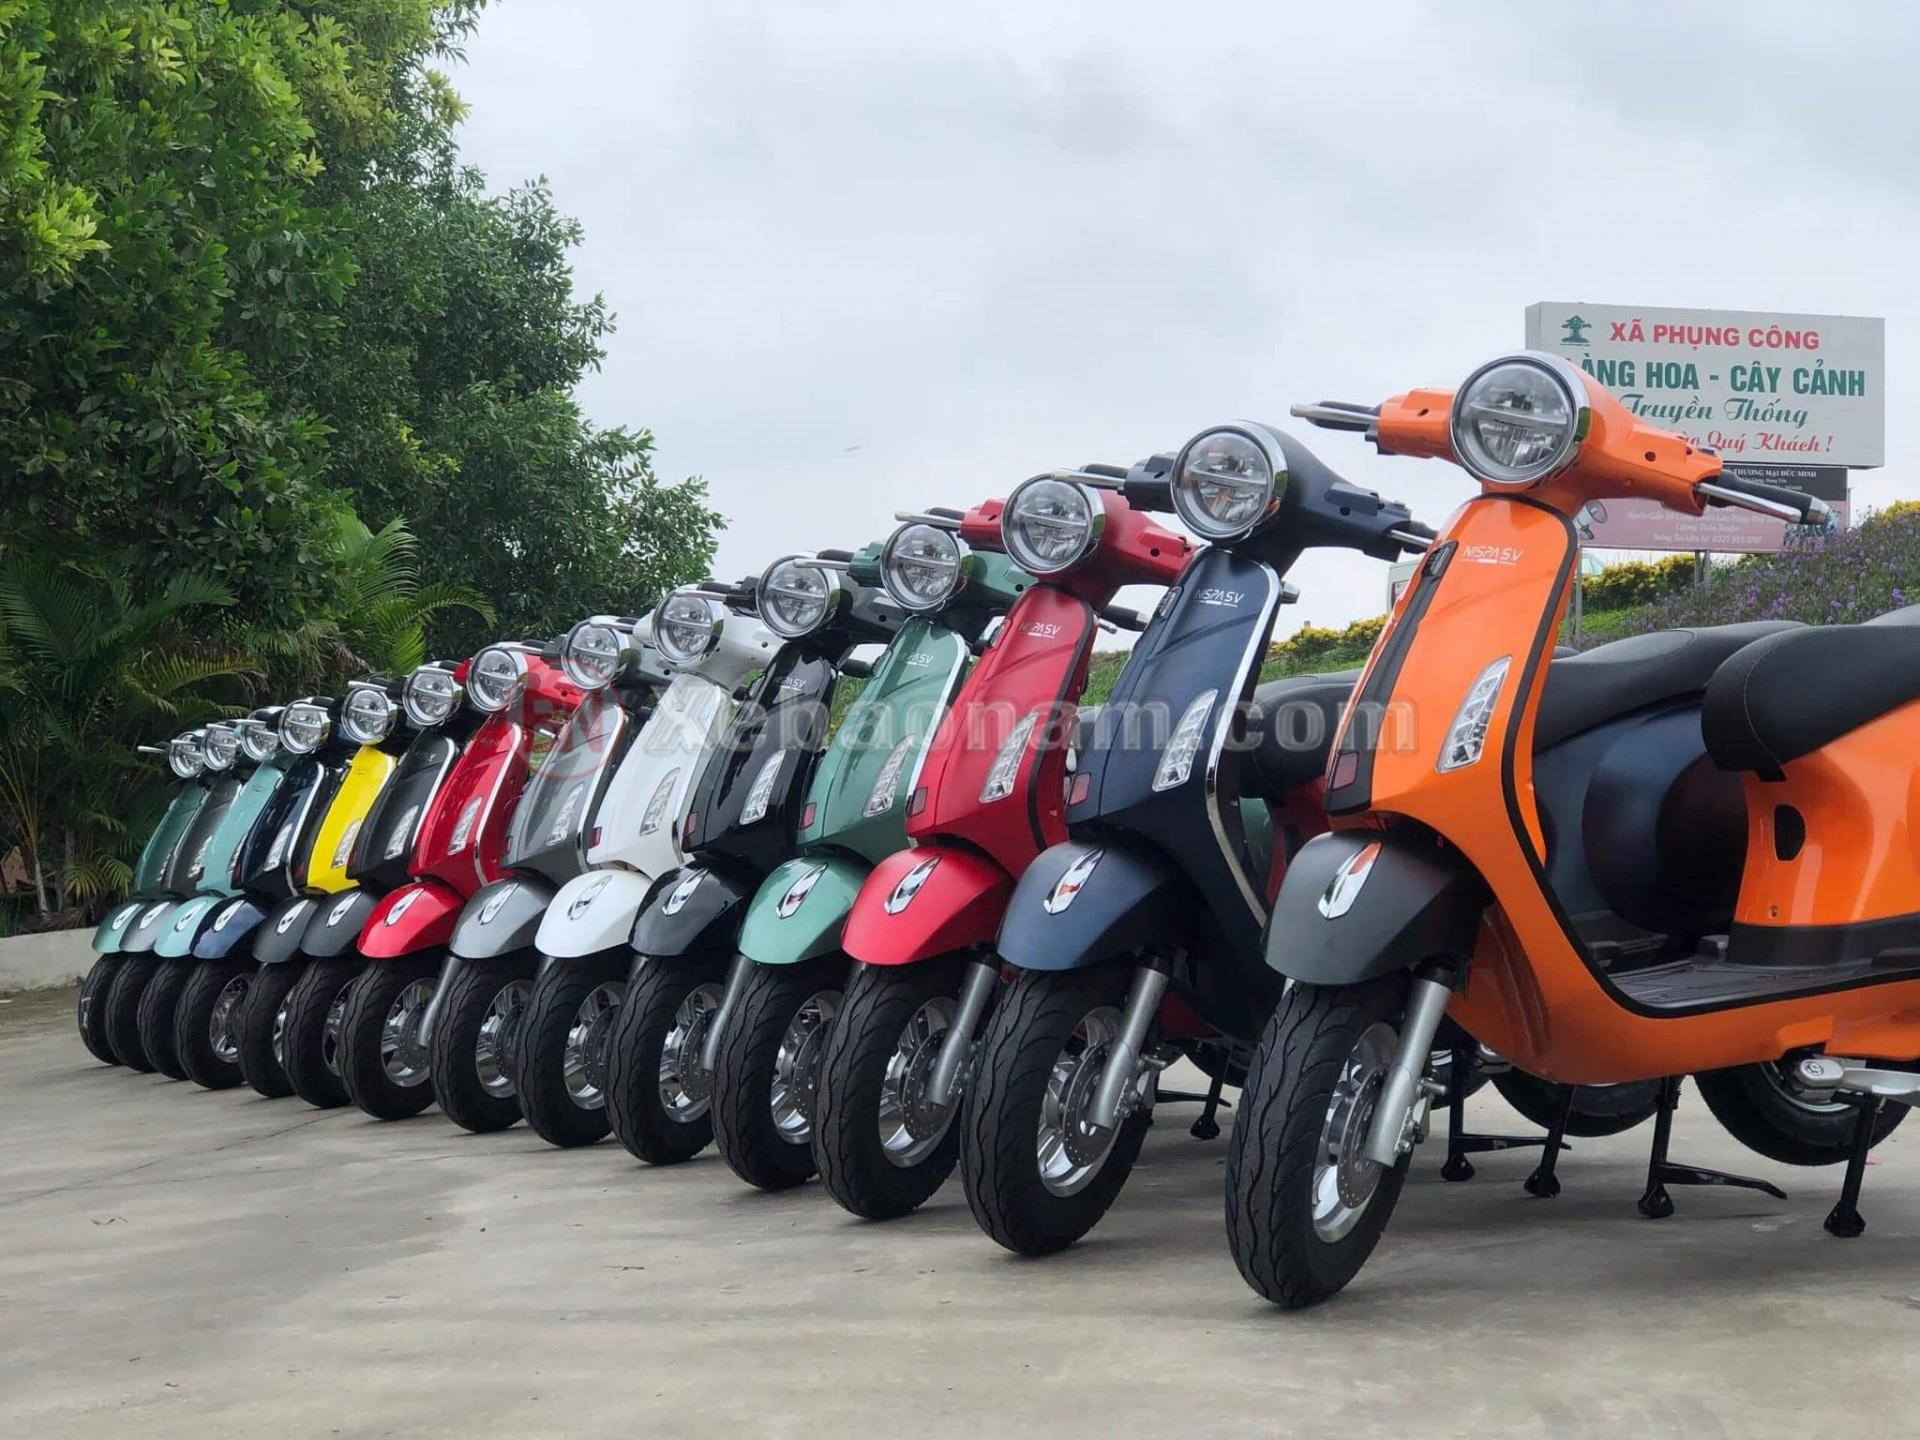 Các màu chủ đạo xe máy điện osakar nispa sv